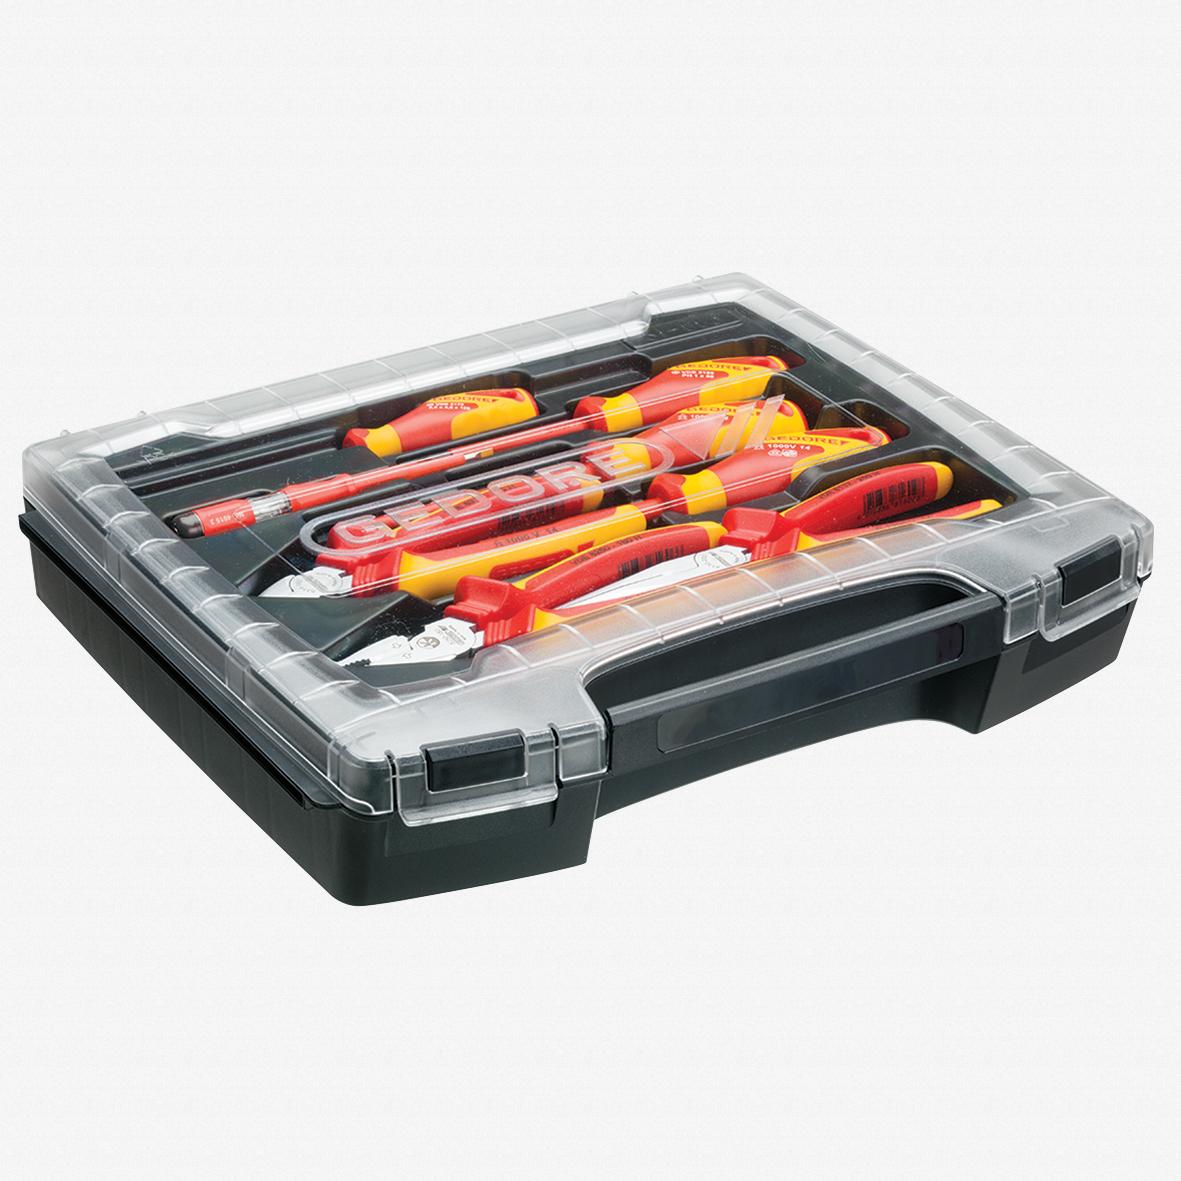 Gedore RZB1-17 VDE Tool set, 8 pcs - KC Tool - KC Tool